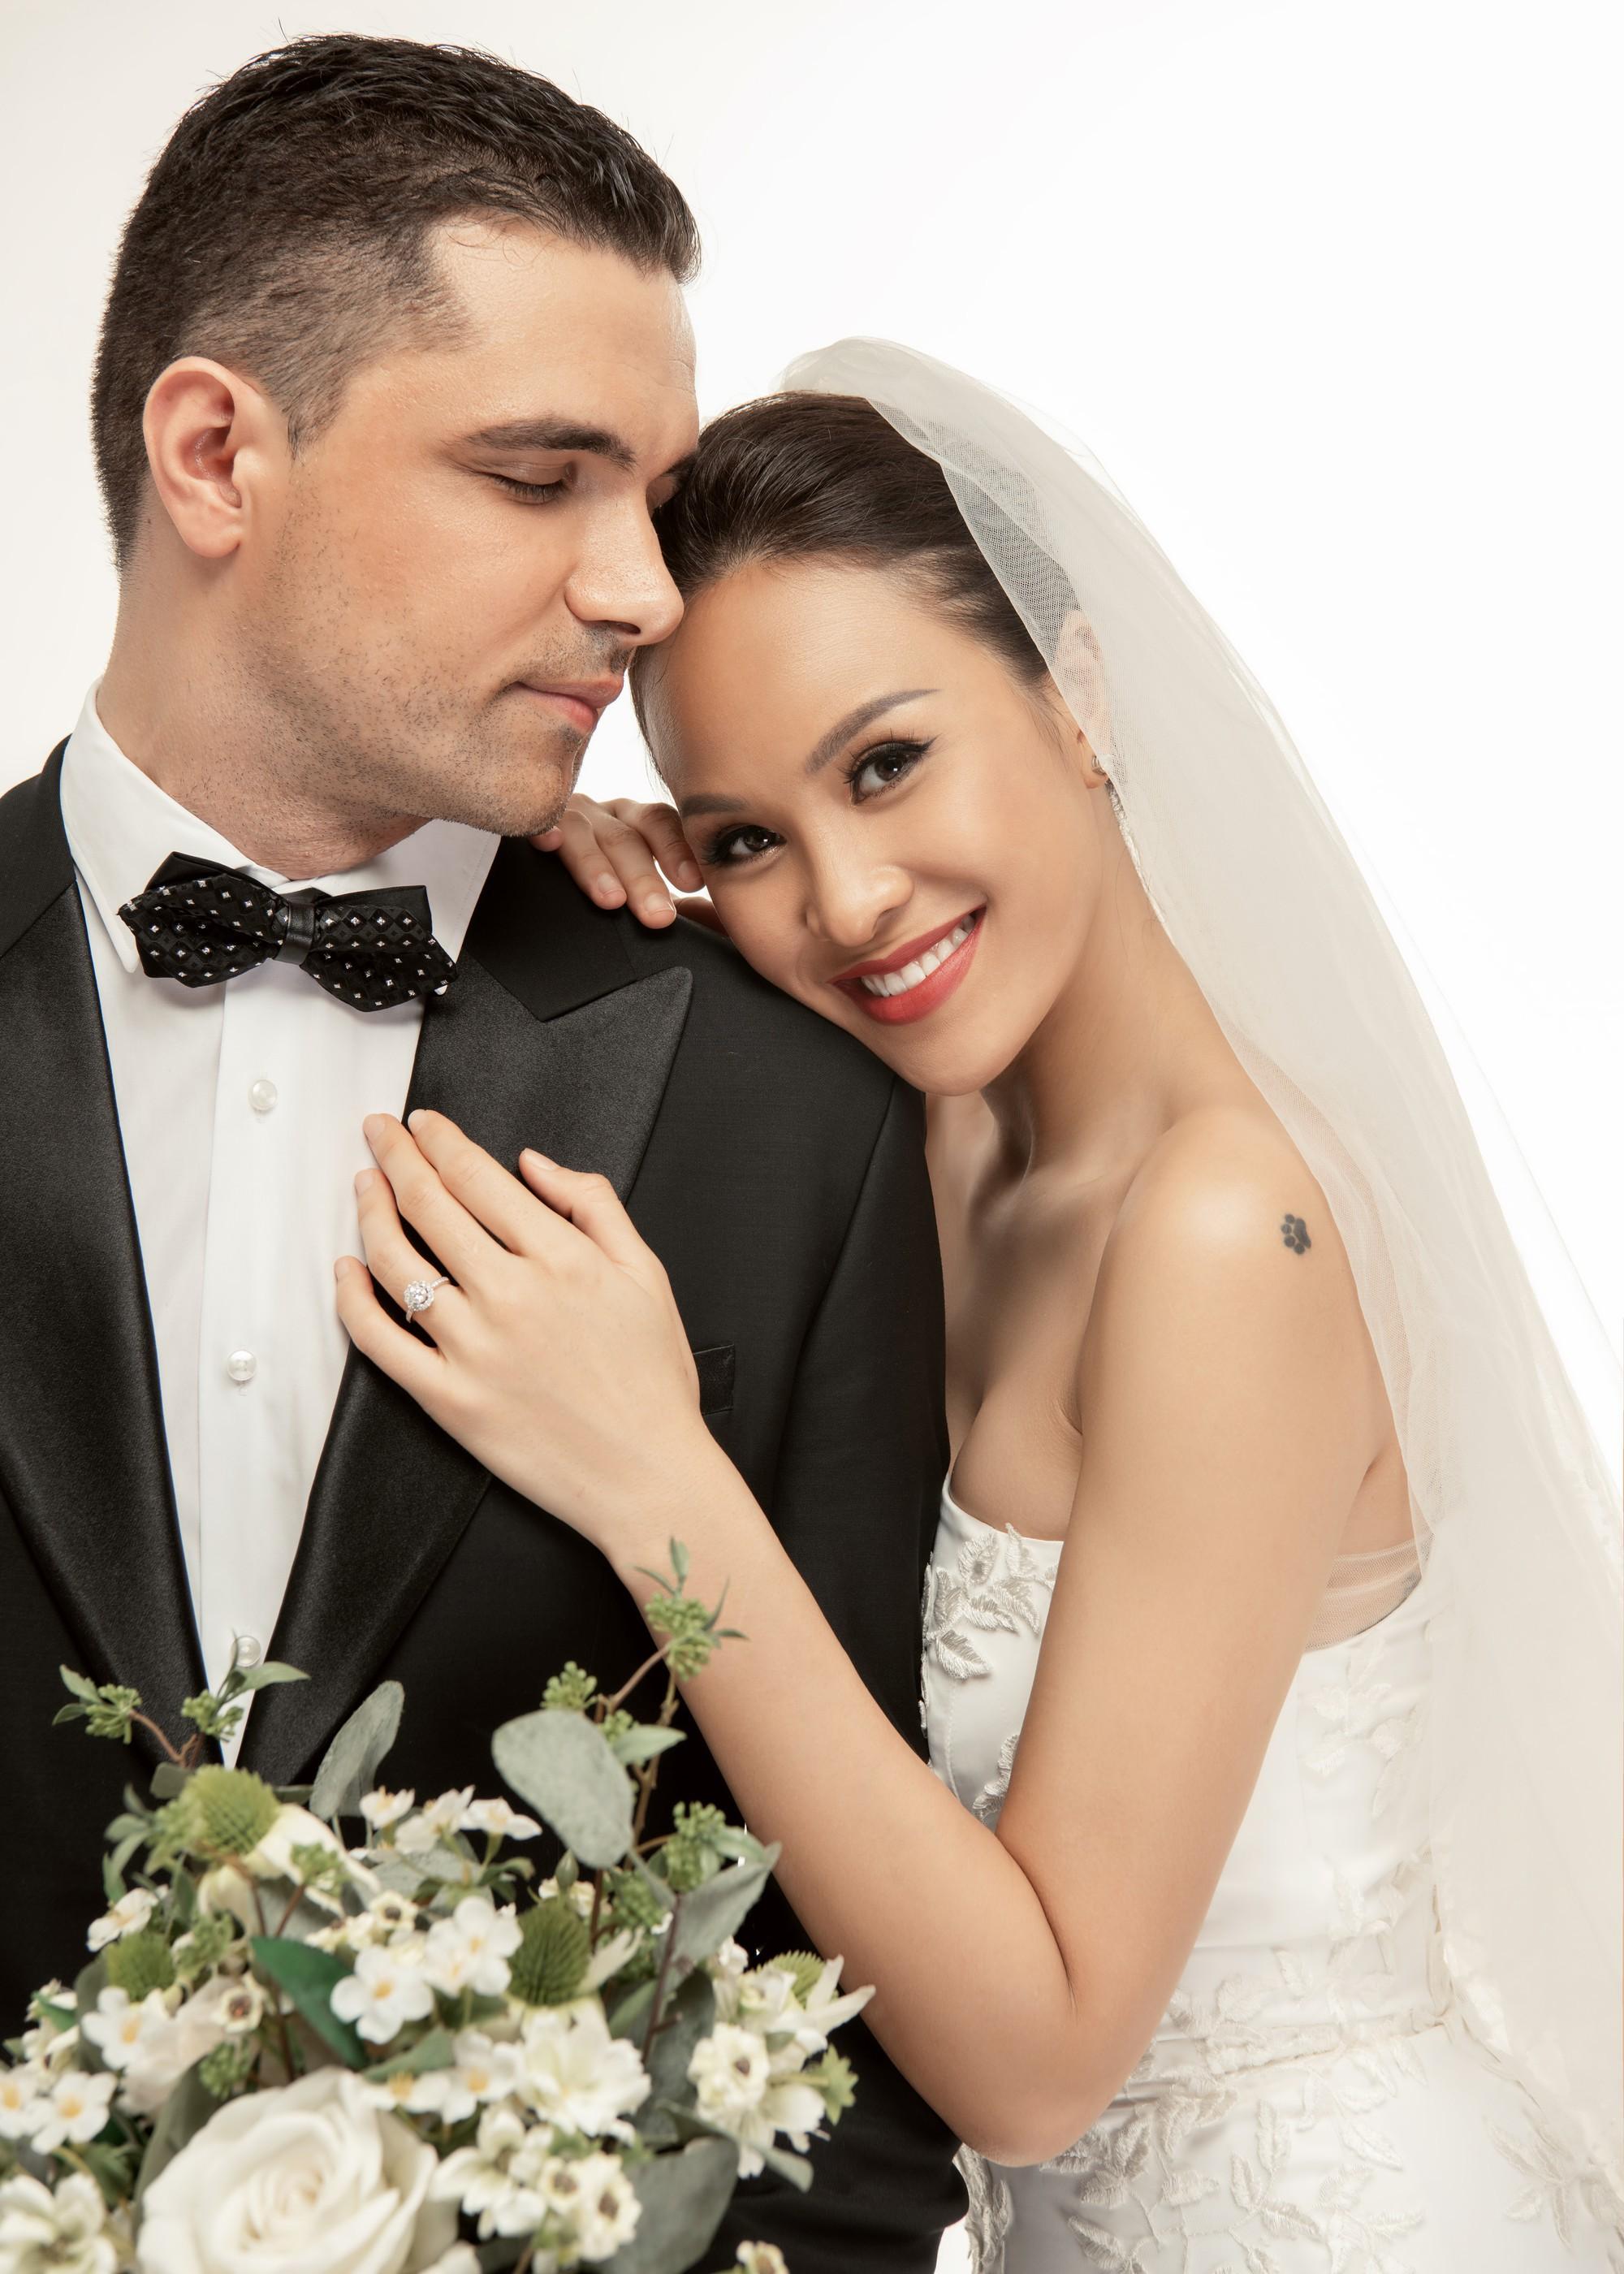 Siêu mẫu Phương Mai khoá môi ông xã Tây cực ngọt ngào trong bộ ảnh cưới trước ngày lên xe hoa - Ảnh 7.